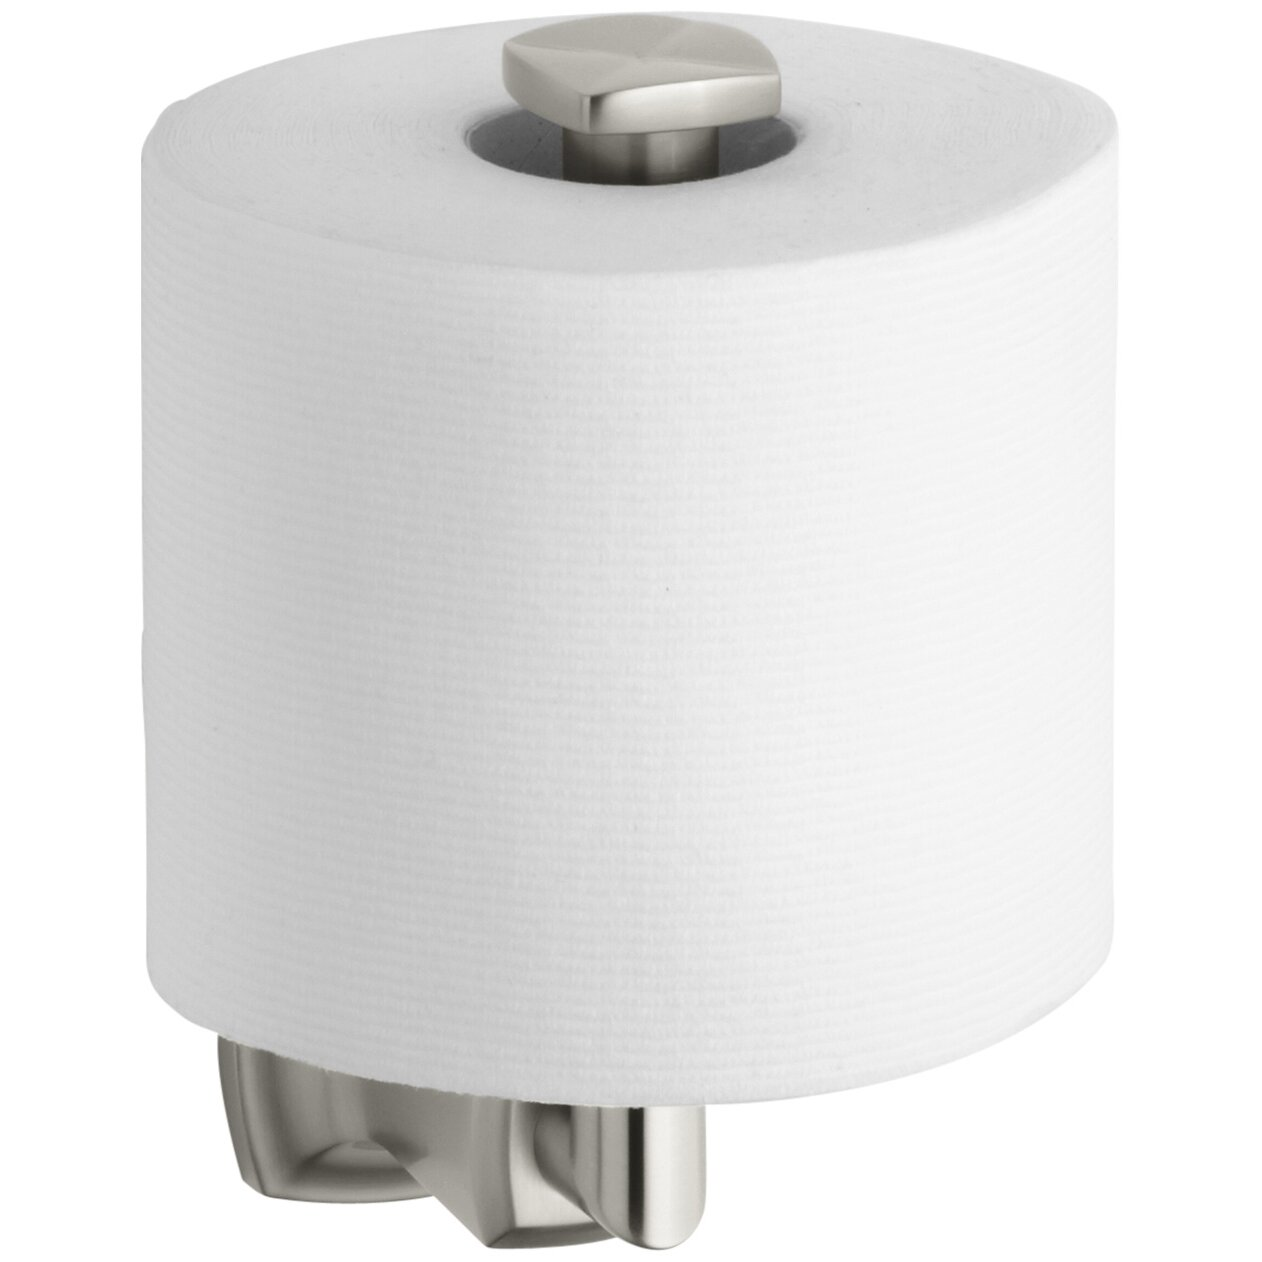 kohler margaux vertical toilet tissue holder reviews wayfair. Black Bedroom Furniture Sets. Home Design Ideas